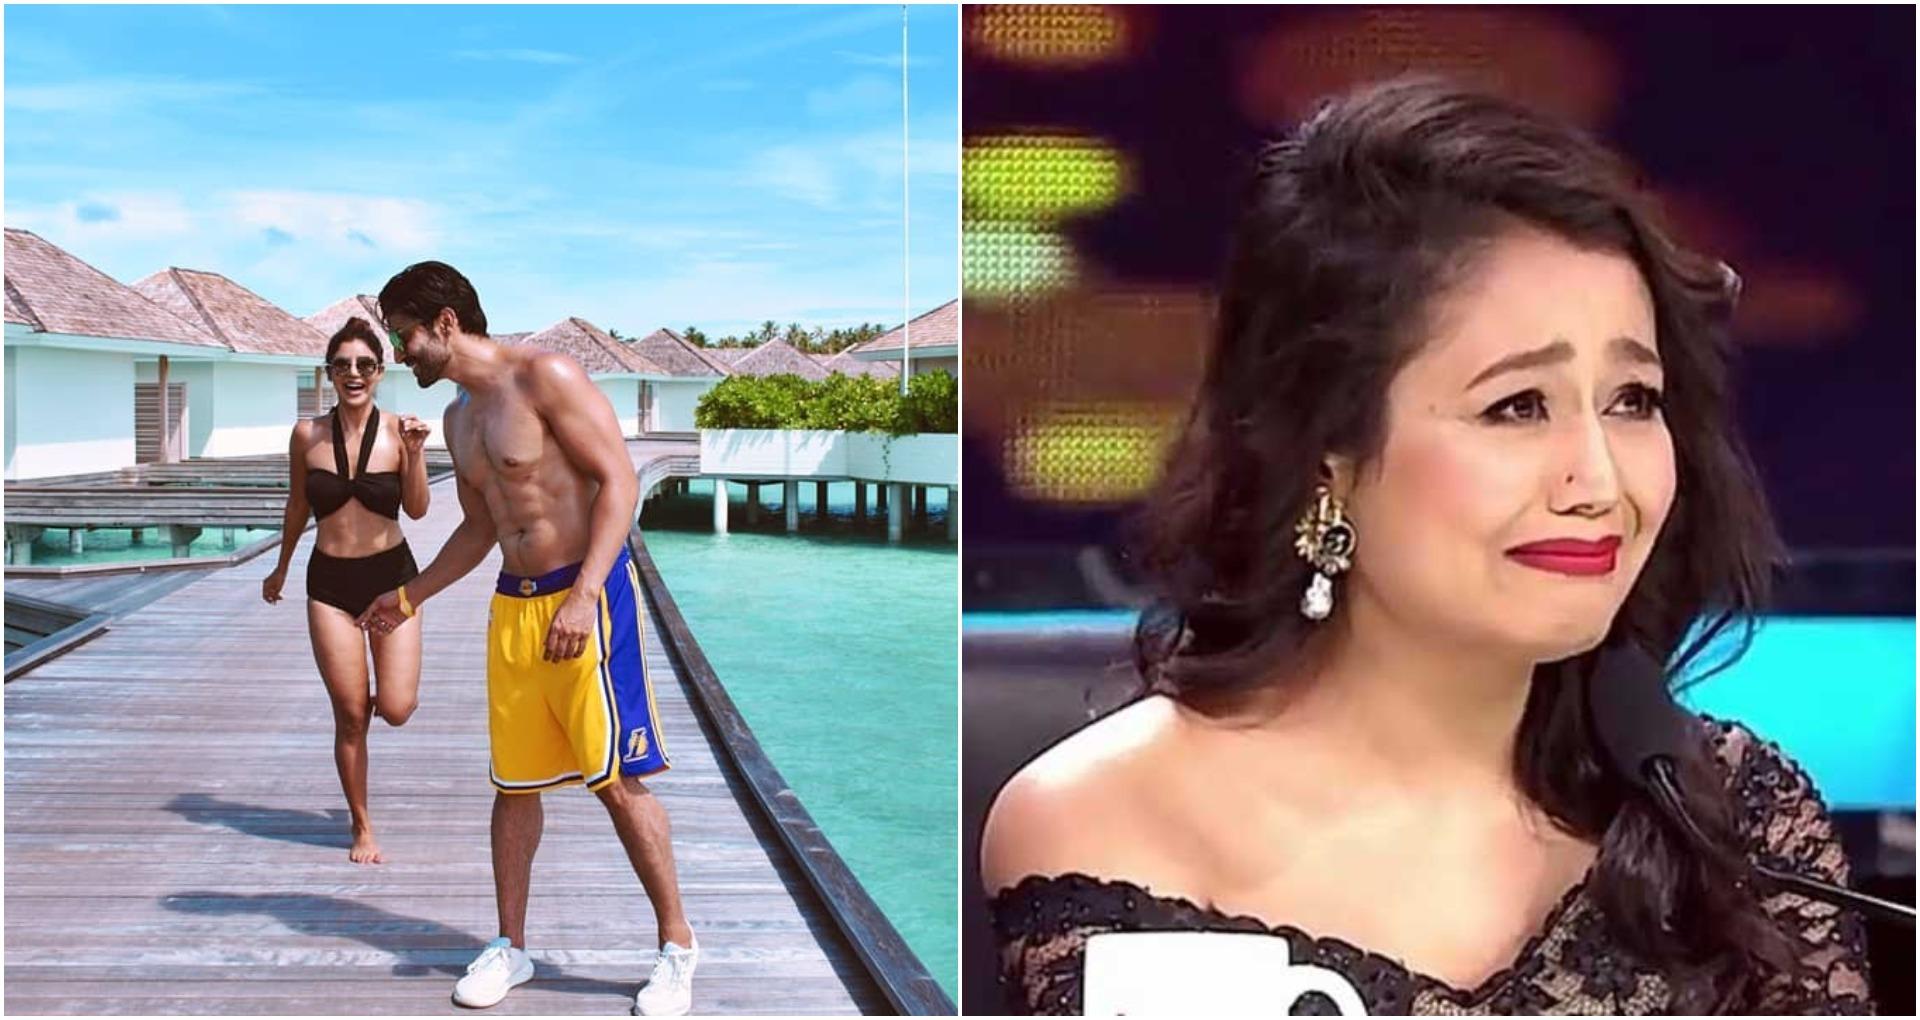 Trending News: टीवी की संस्कारी सीता की बिकिनी तस्वीरें वायरल, फुट फुट कर रोने लगी नेहा कक्कड़